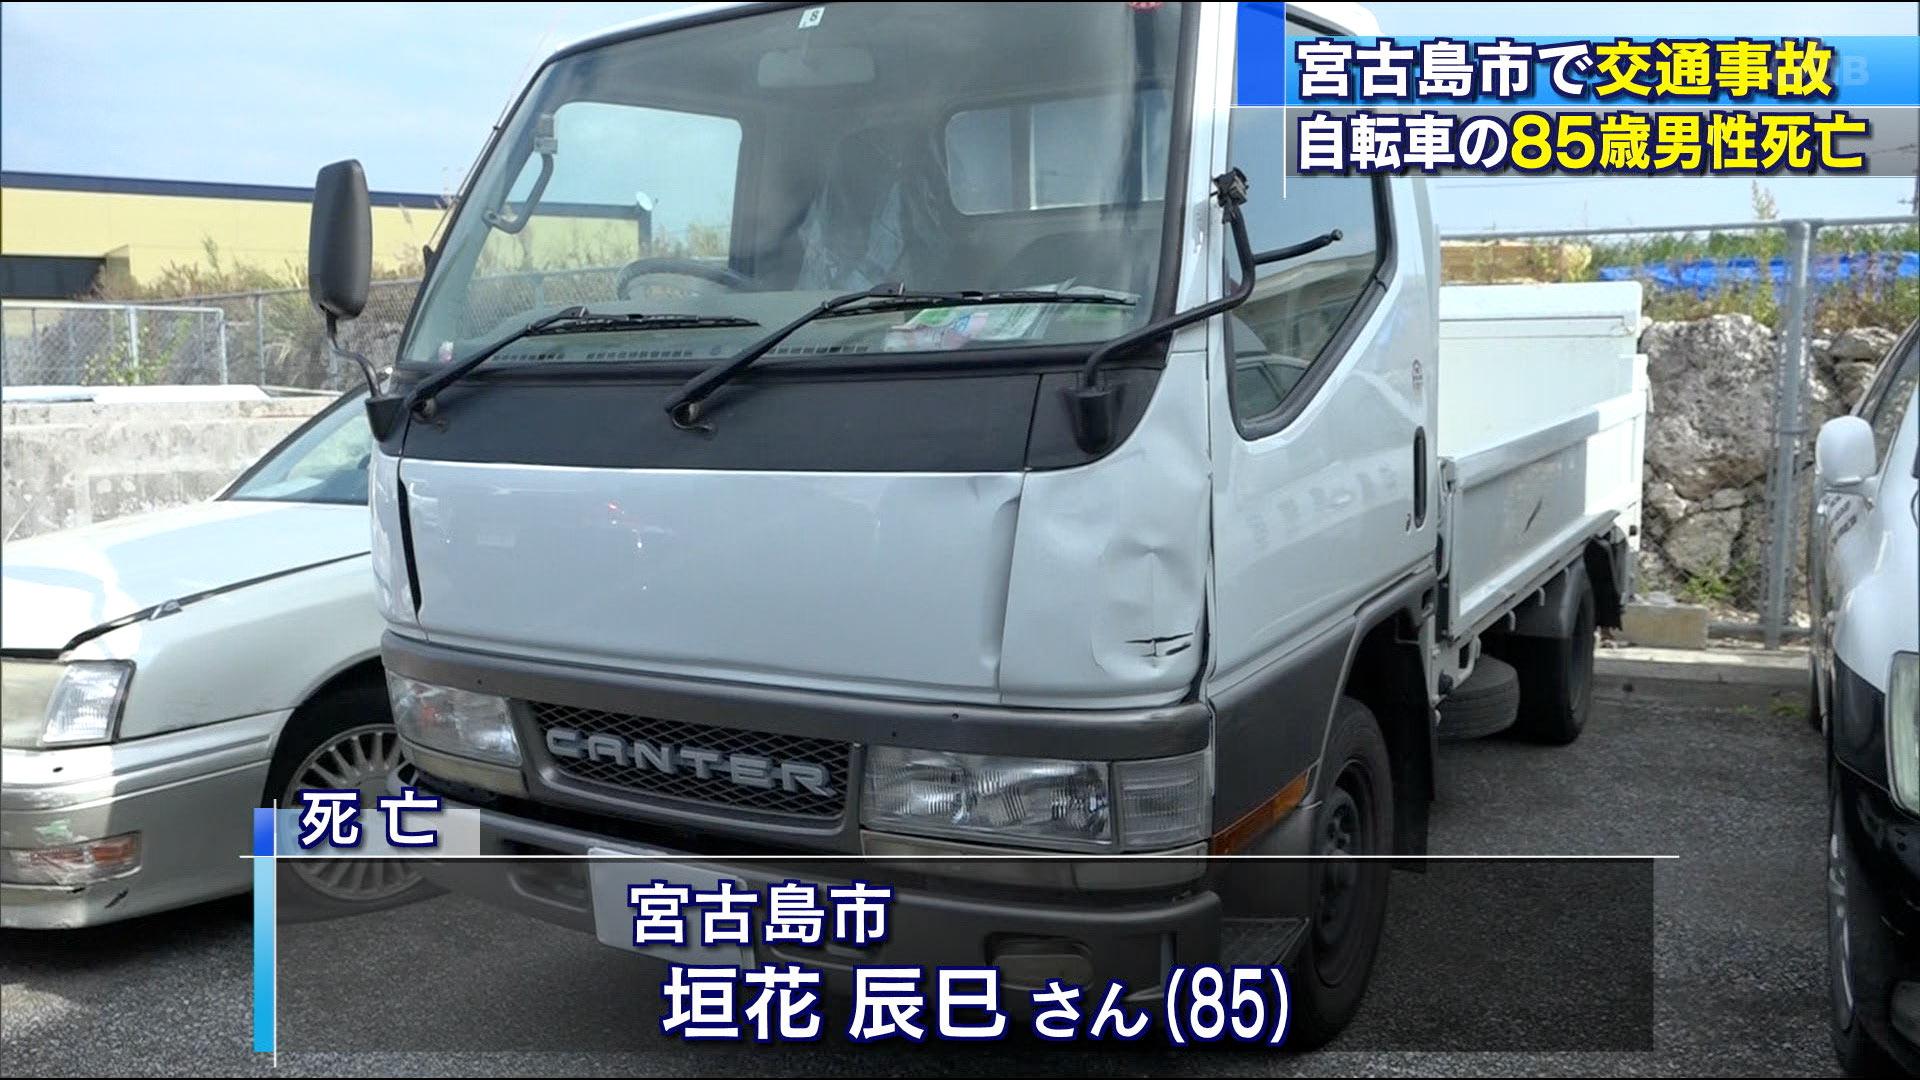 宮古島で自転車はねられ85歳男性死亡